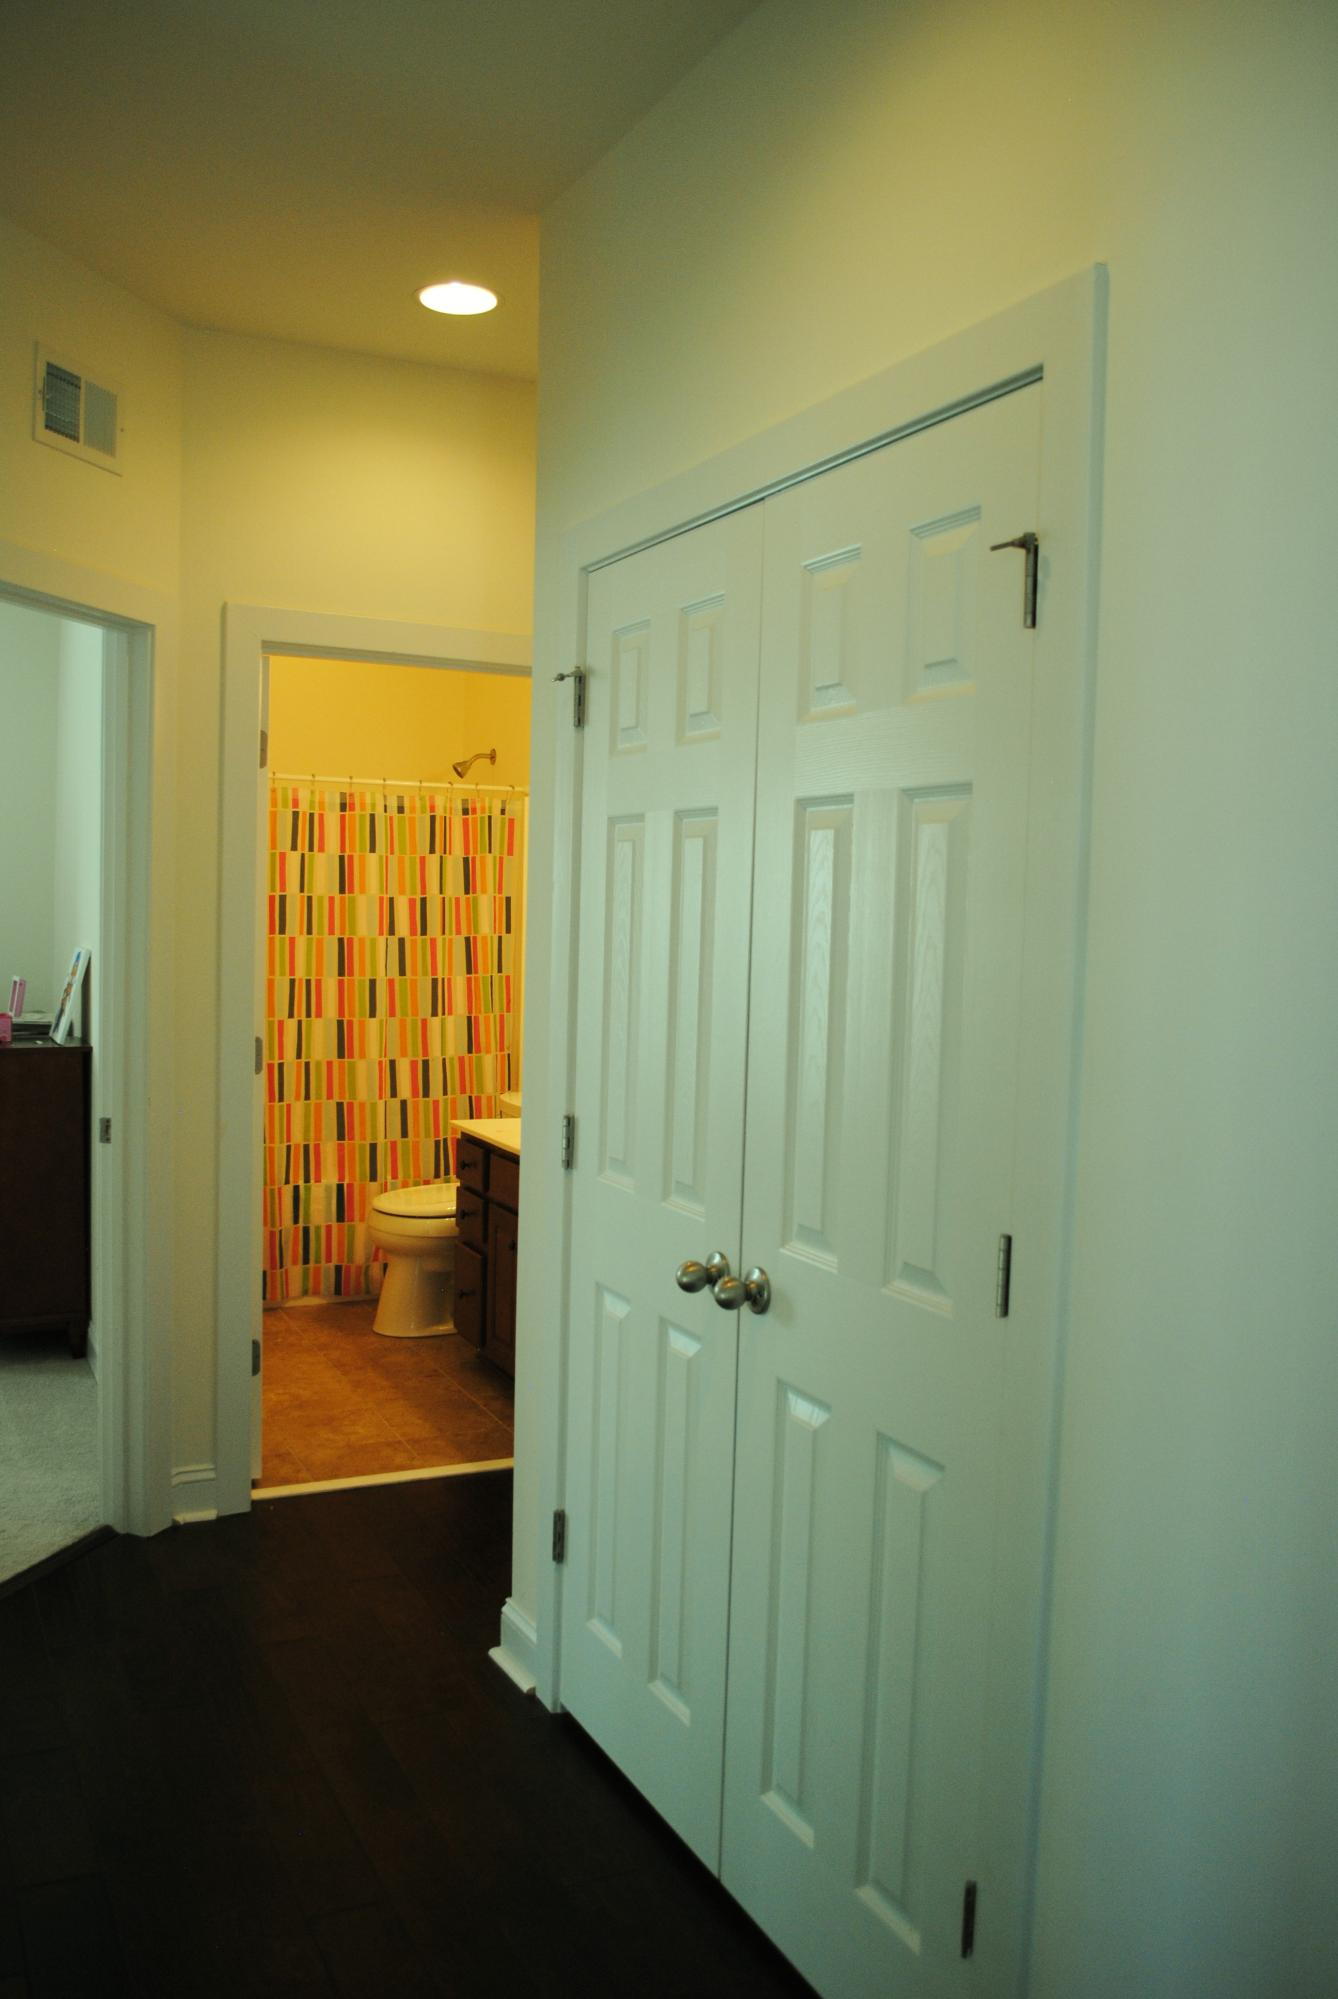 Boltons Landing Homes For Sale - 3033 Moonlight, Charleston, SC - 3